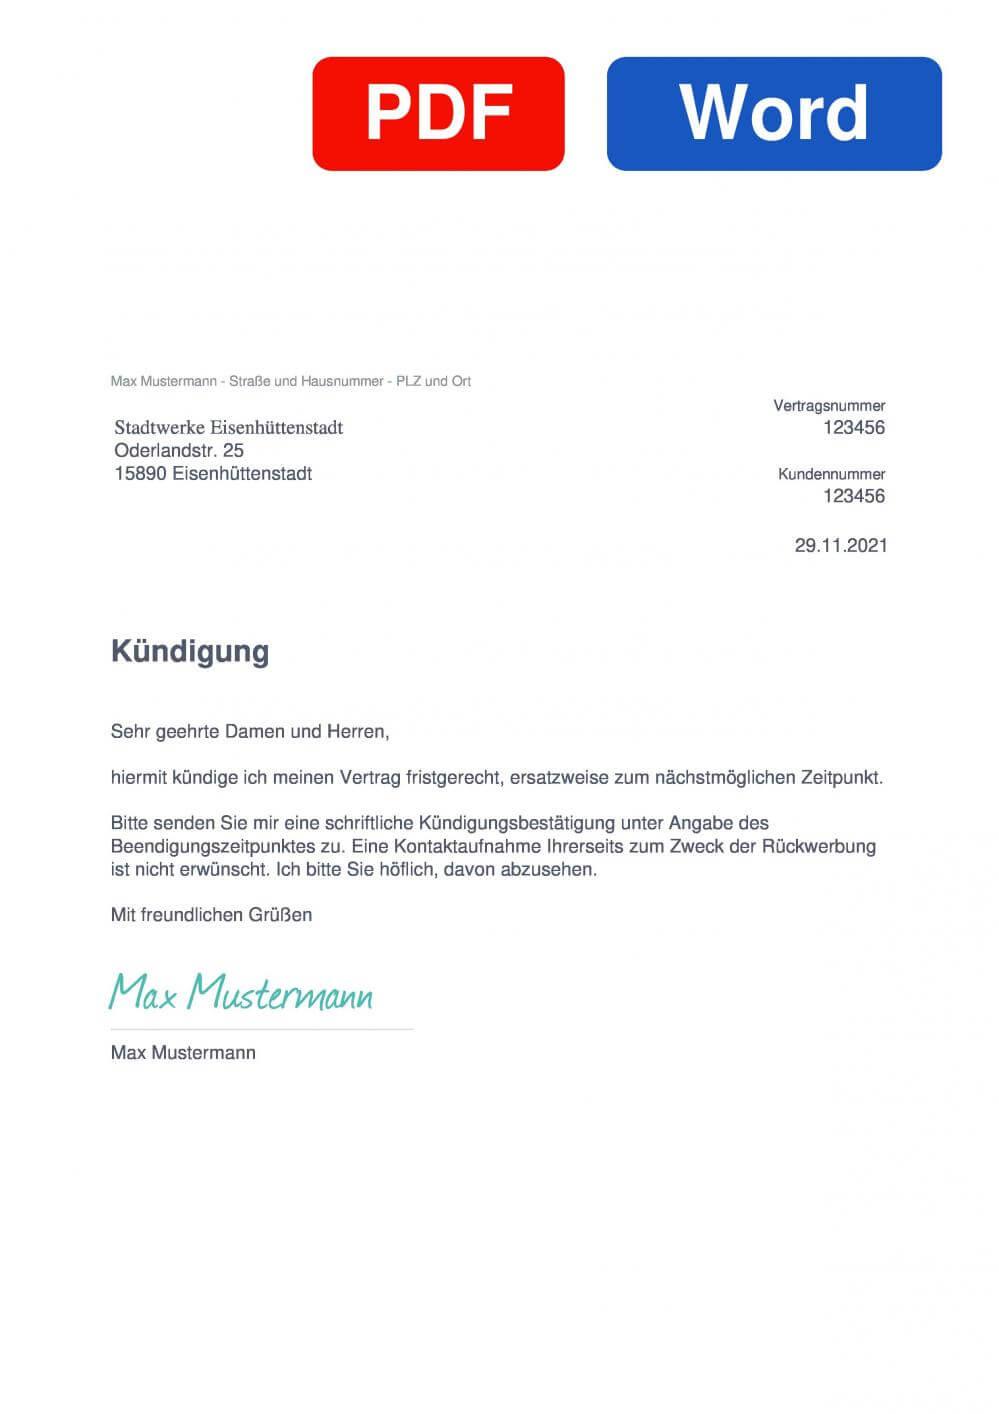 Stadtwerke Eisenhüttenstadt Muster Vorlage für Kündigungsschreiben